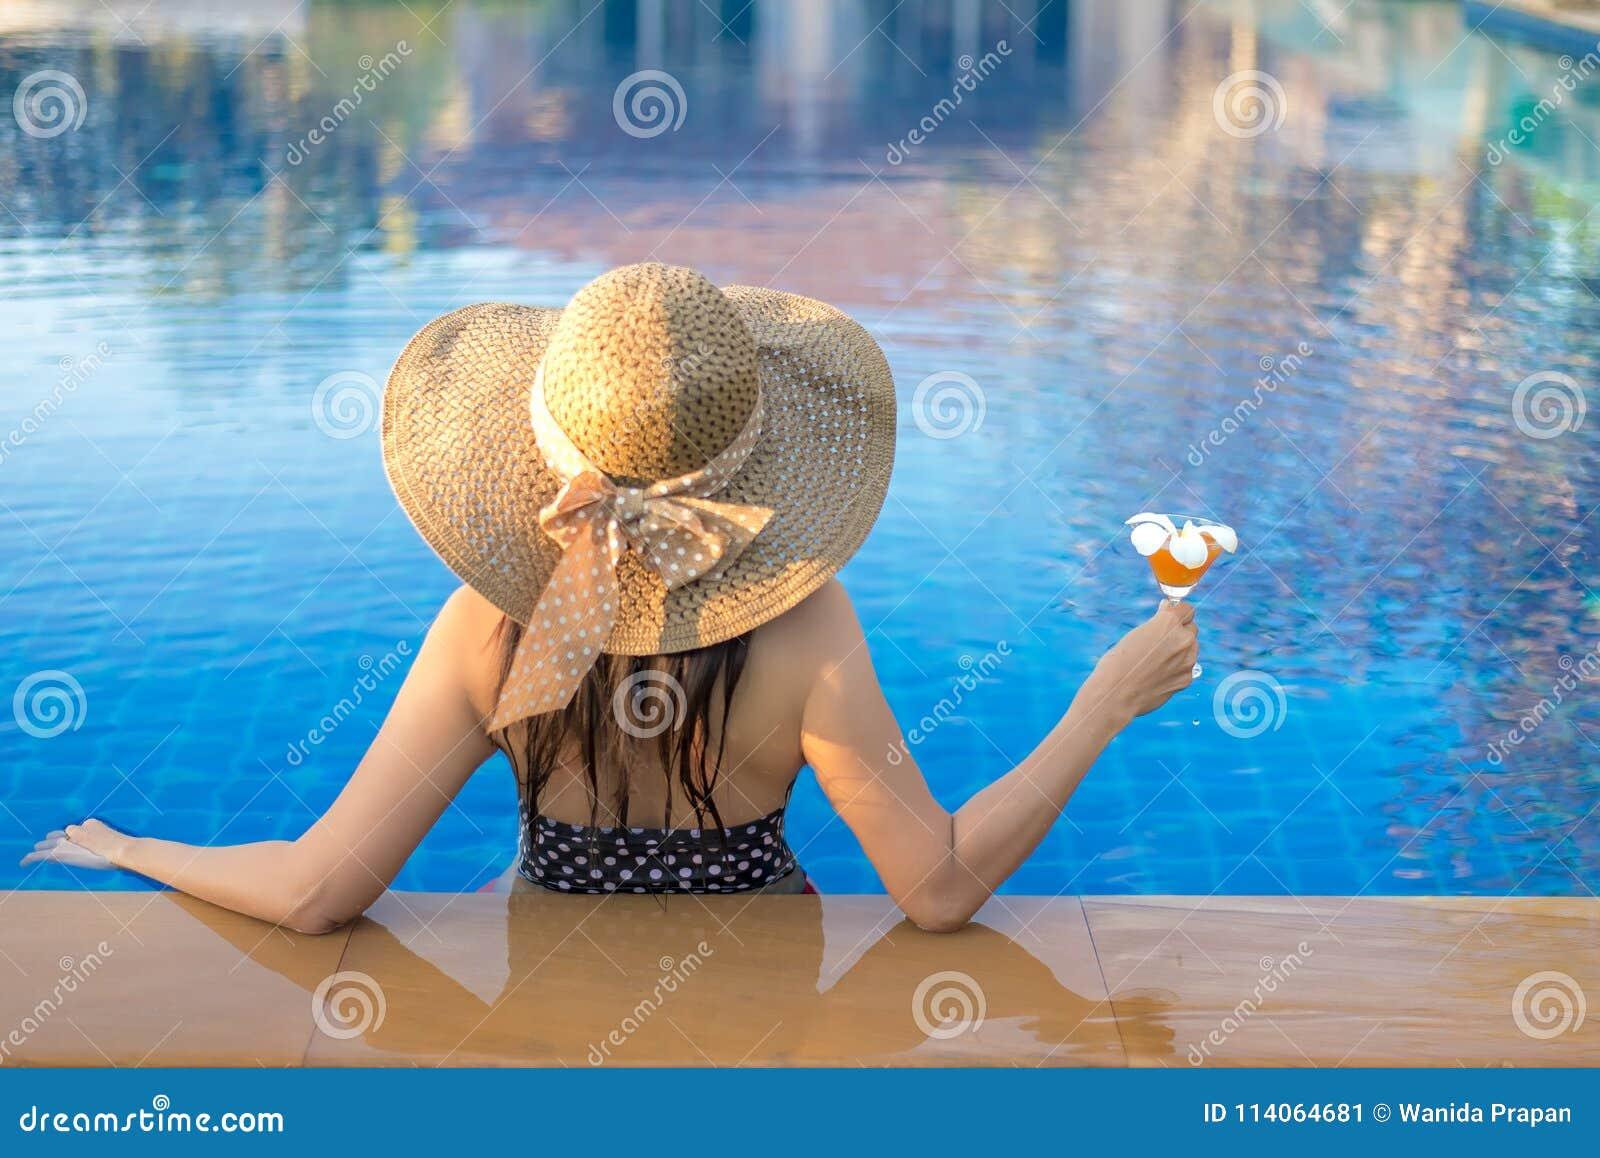 我其他看到暑假工作 生活方式妇女满意对放松在游泳池的比基尼泳装和大帽子,在假日